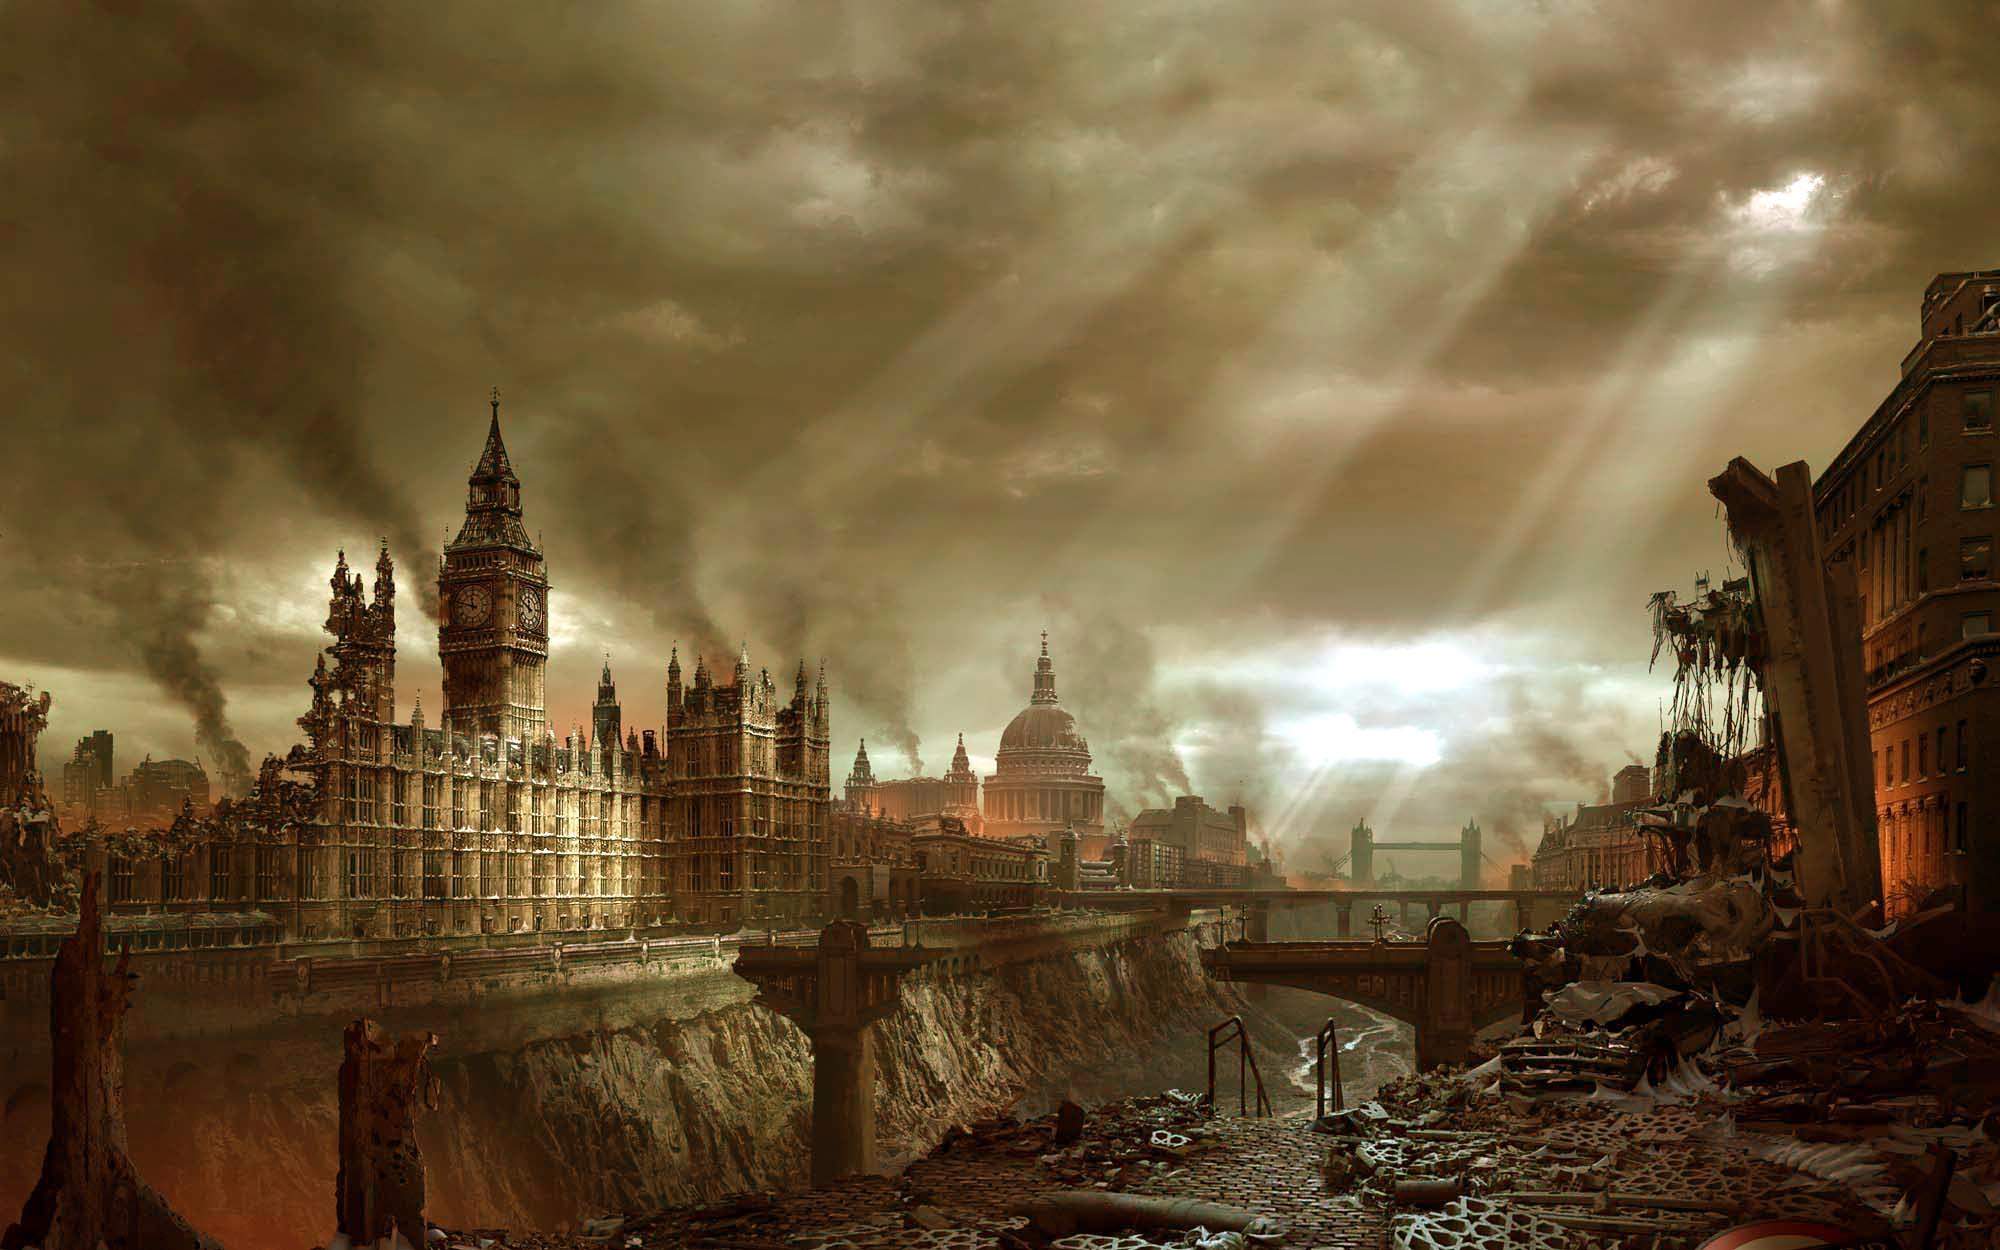 Apocalypse City Fire Sci Fi Post Apocalyptic